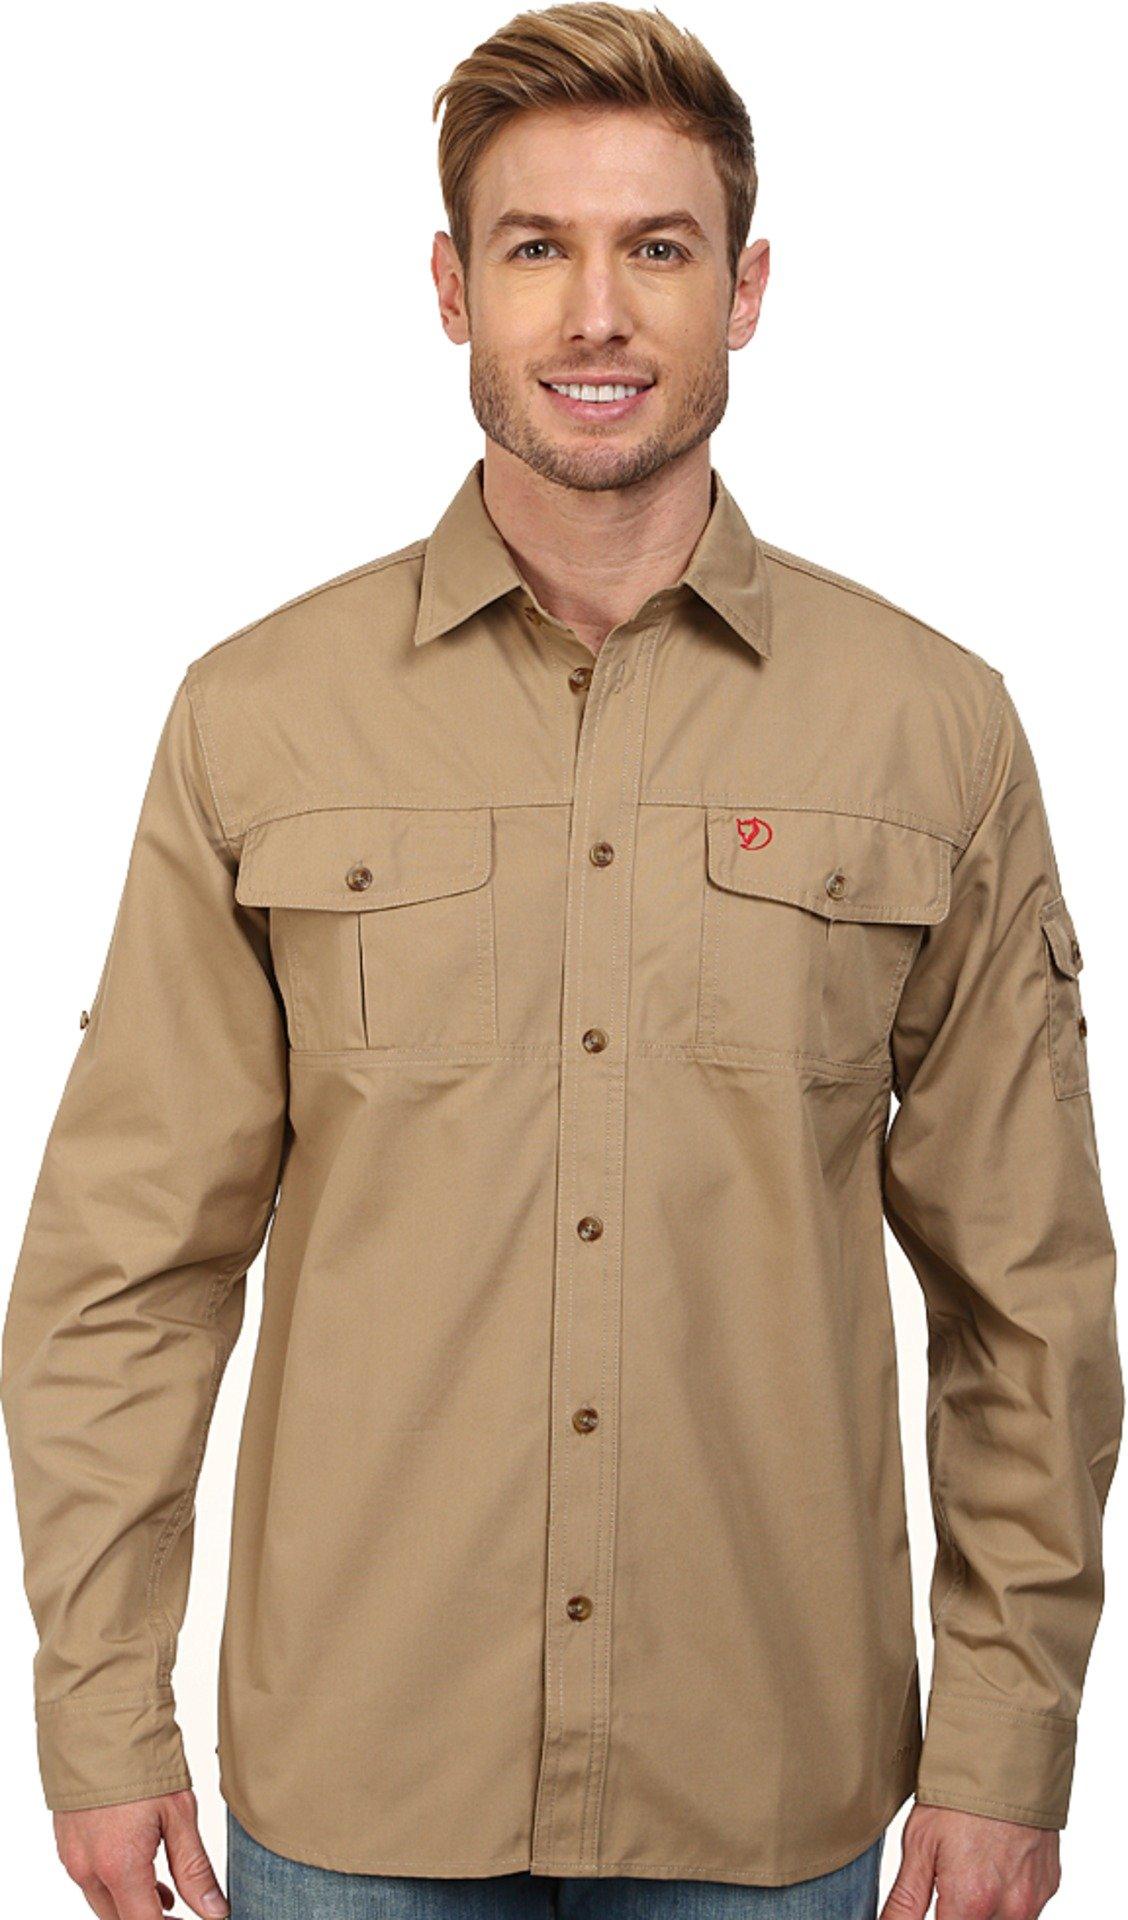 Fjallraven Men's Sarek Trekking Shirt, Sand, X-Large